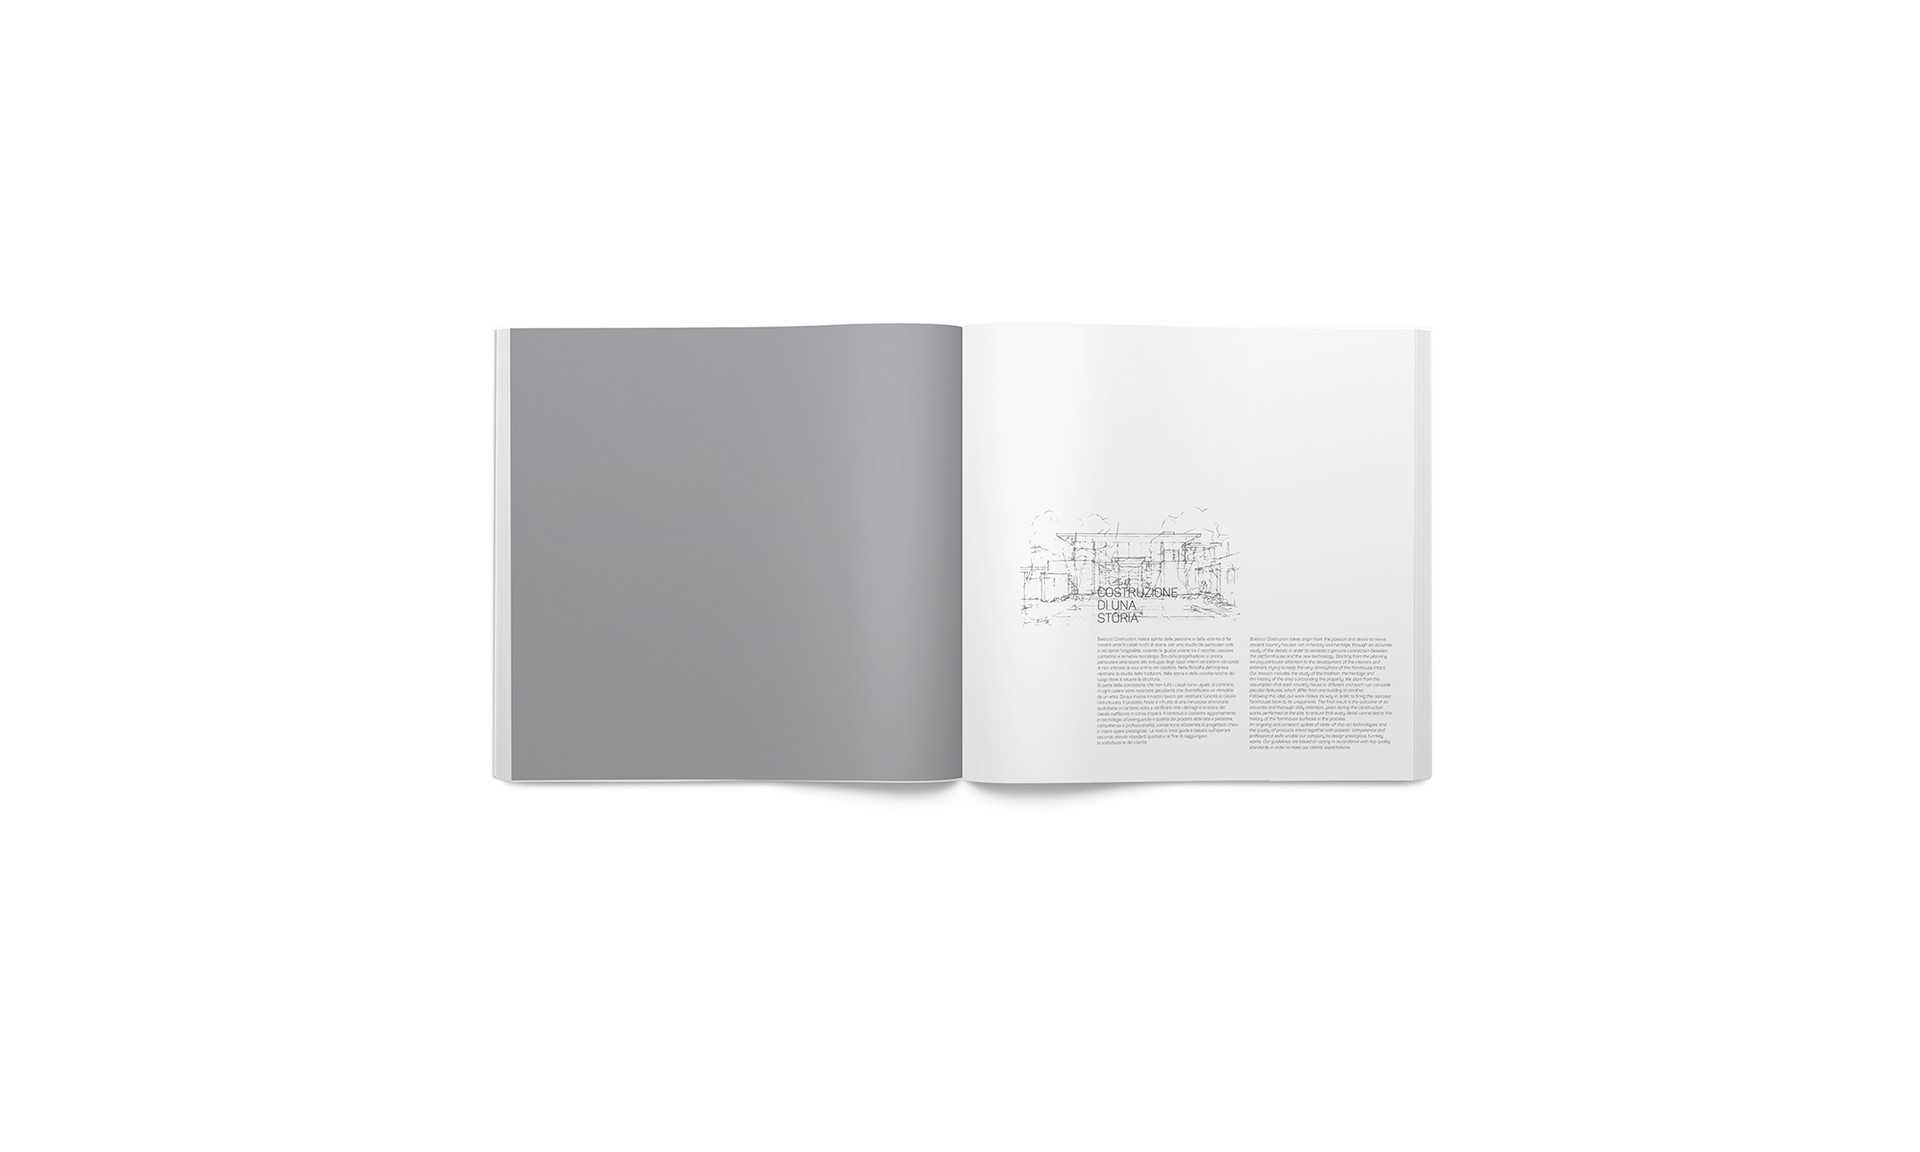 baiocco-villas-brochure-spread4.jpg